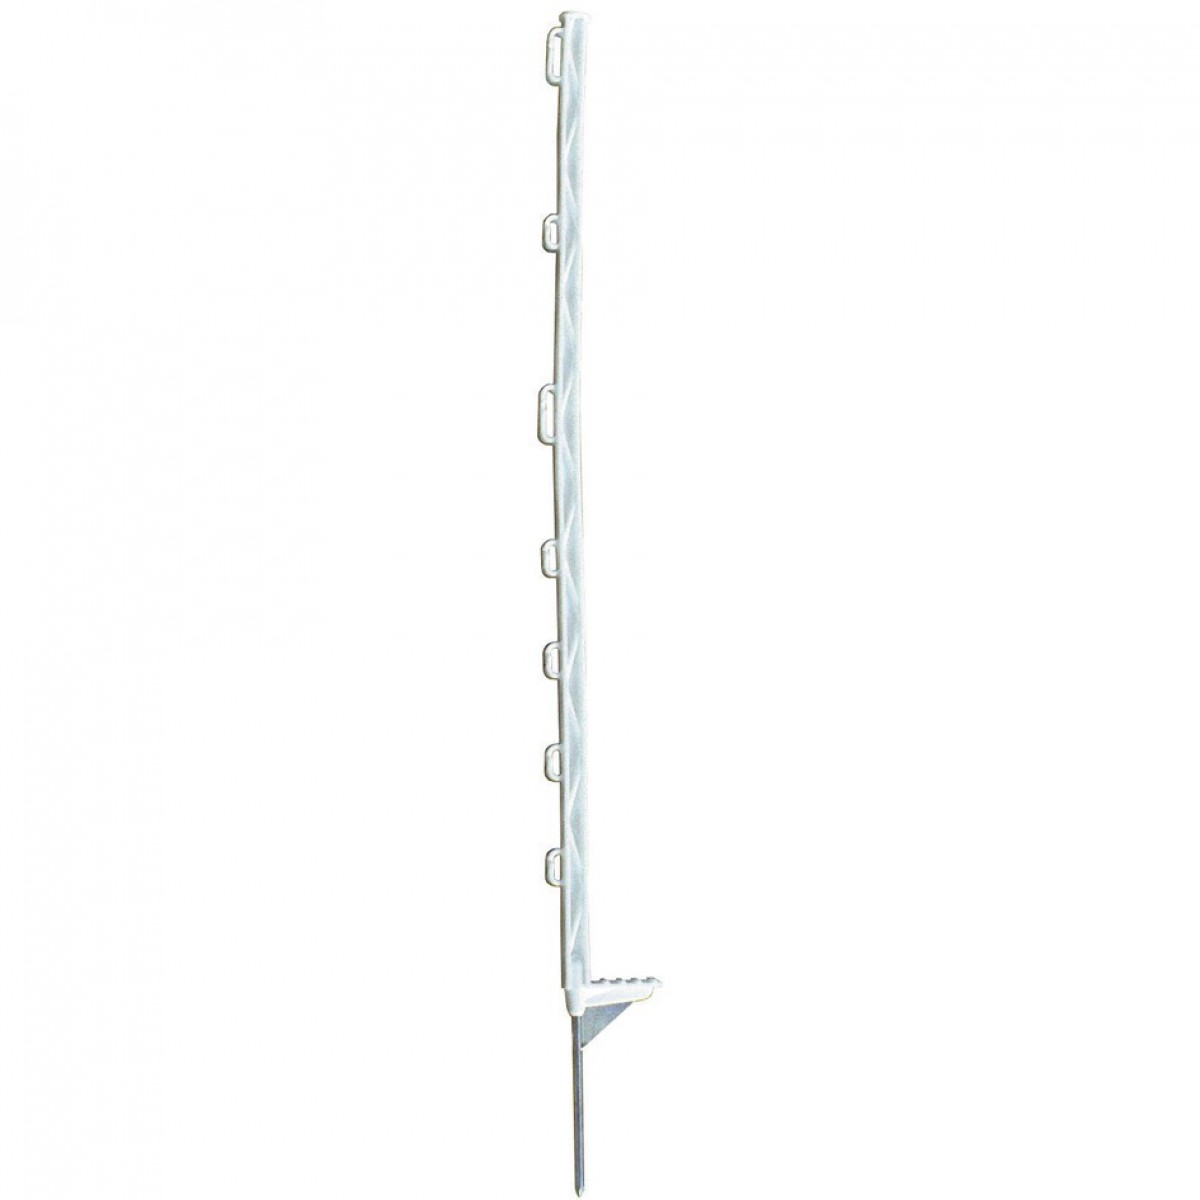 Piquet plastique bêche renforcée blanc Chapron Lemenager - 7 isolateurs - Hauteur 1,05 m